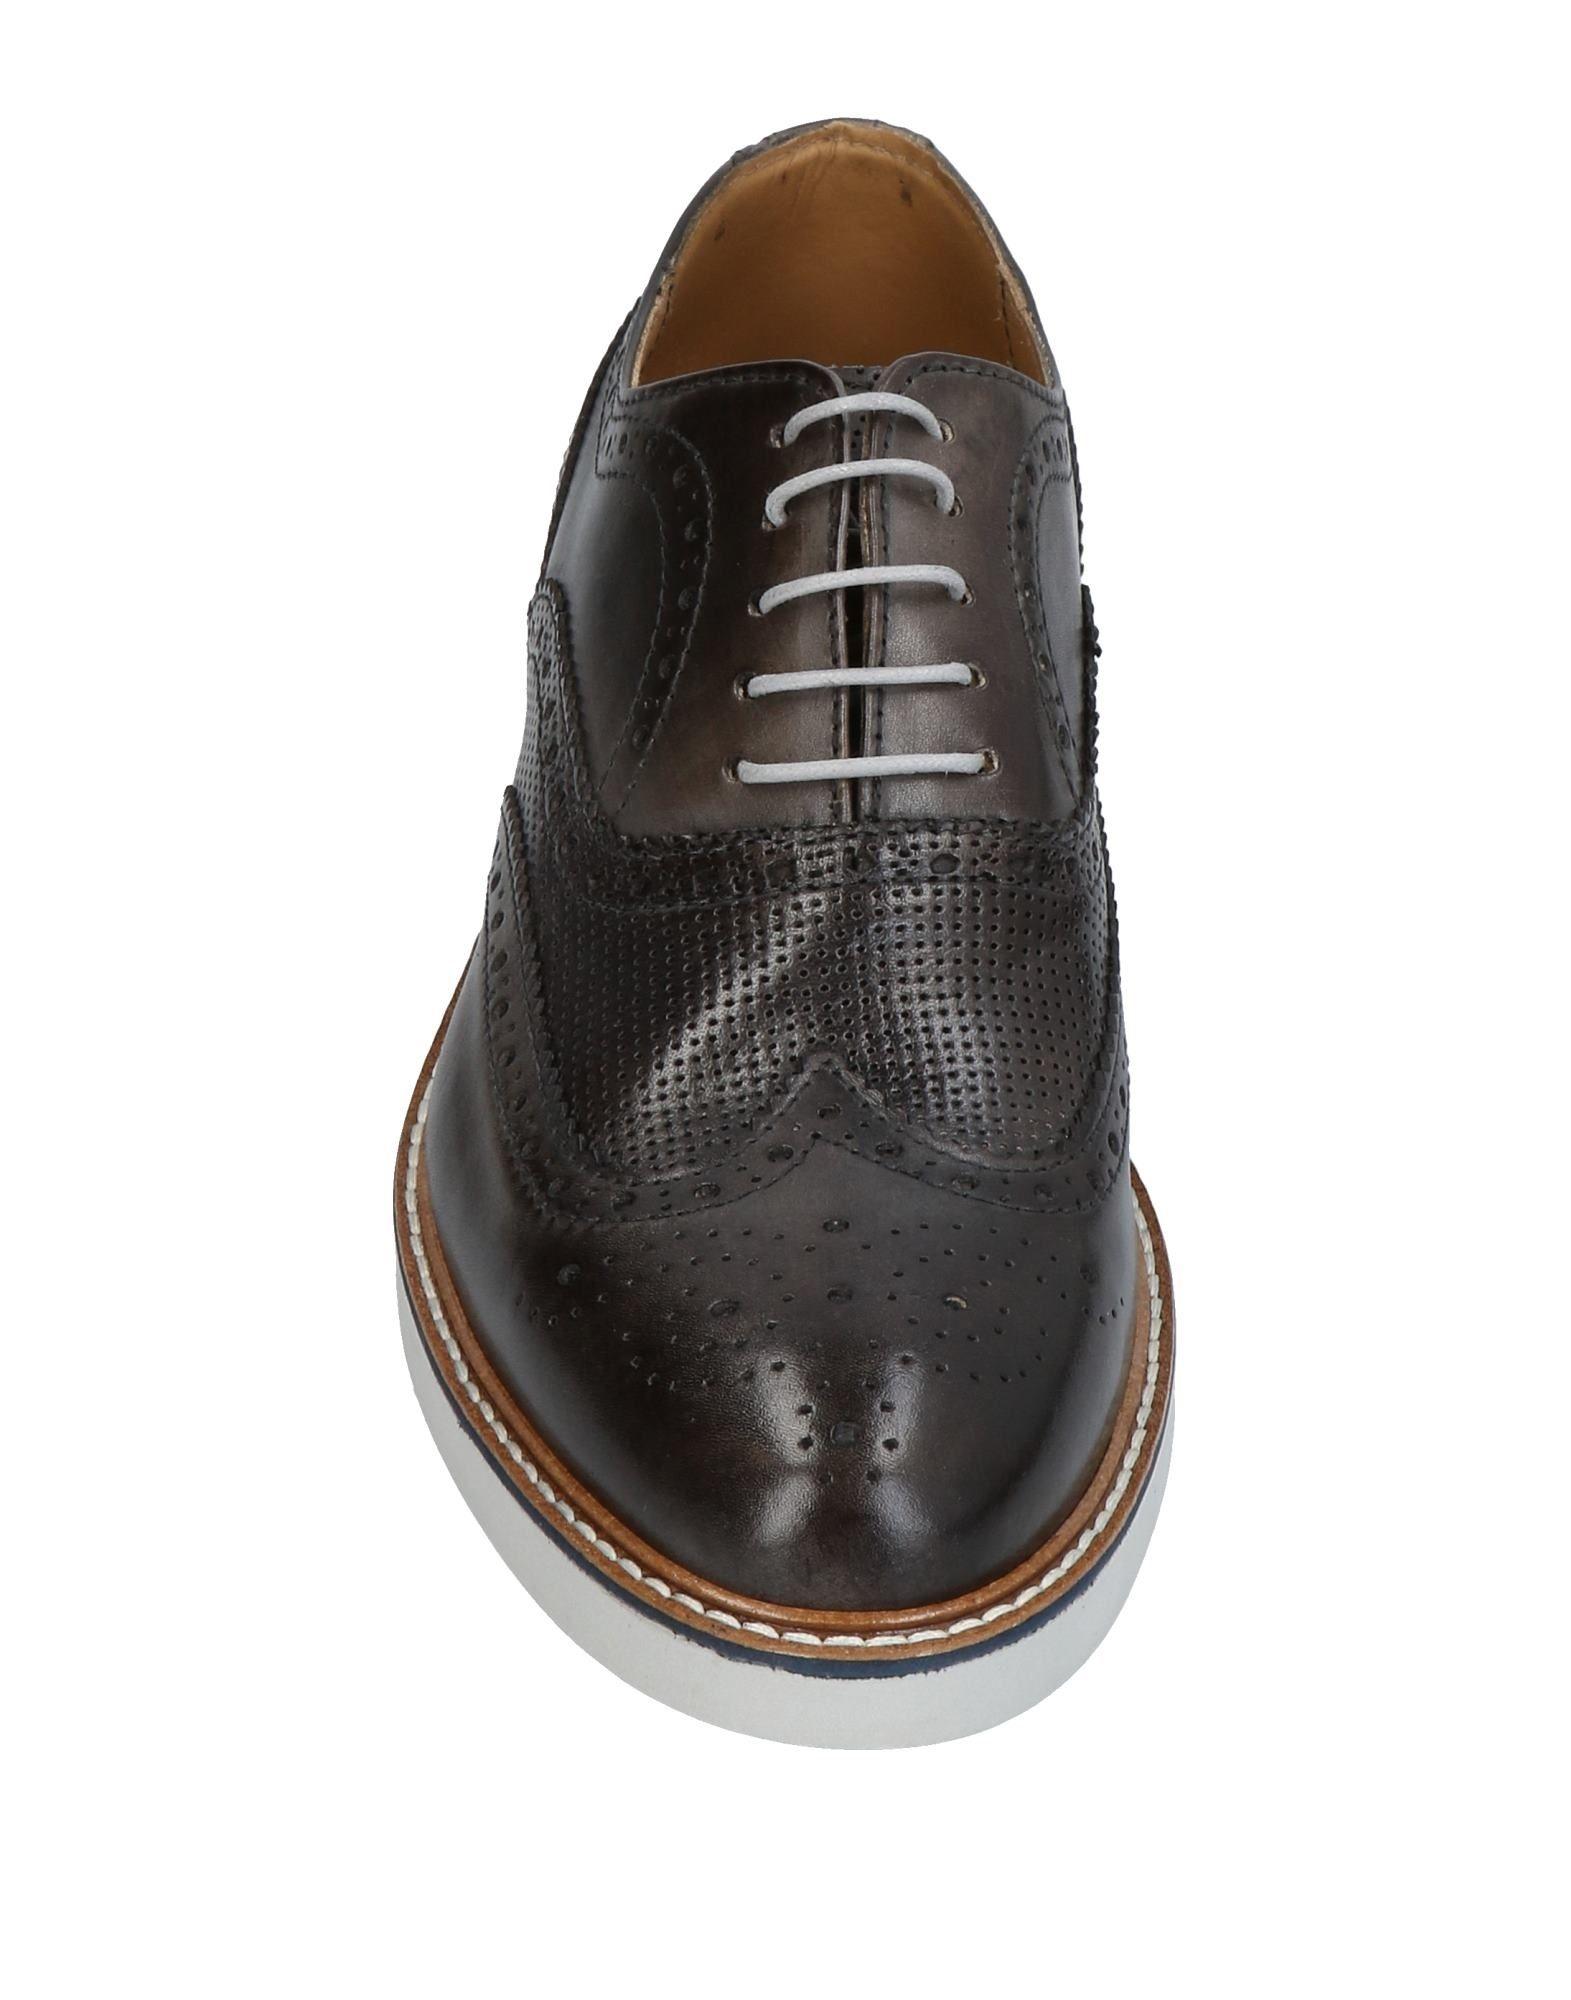 Rabatt Herren echte Schuhe Cafènoir Schnürschuhe Herren Rabatt  11439414OK f9d719